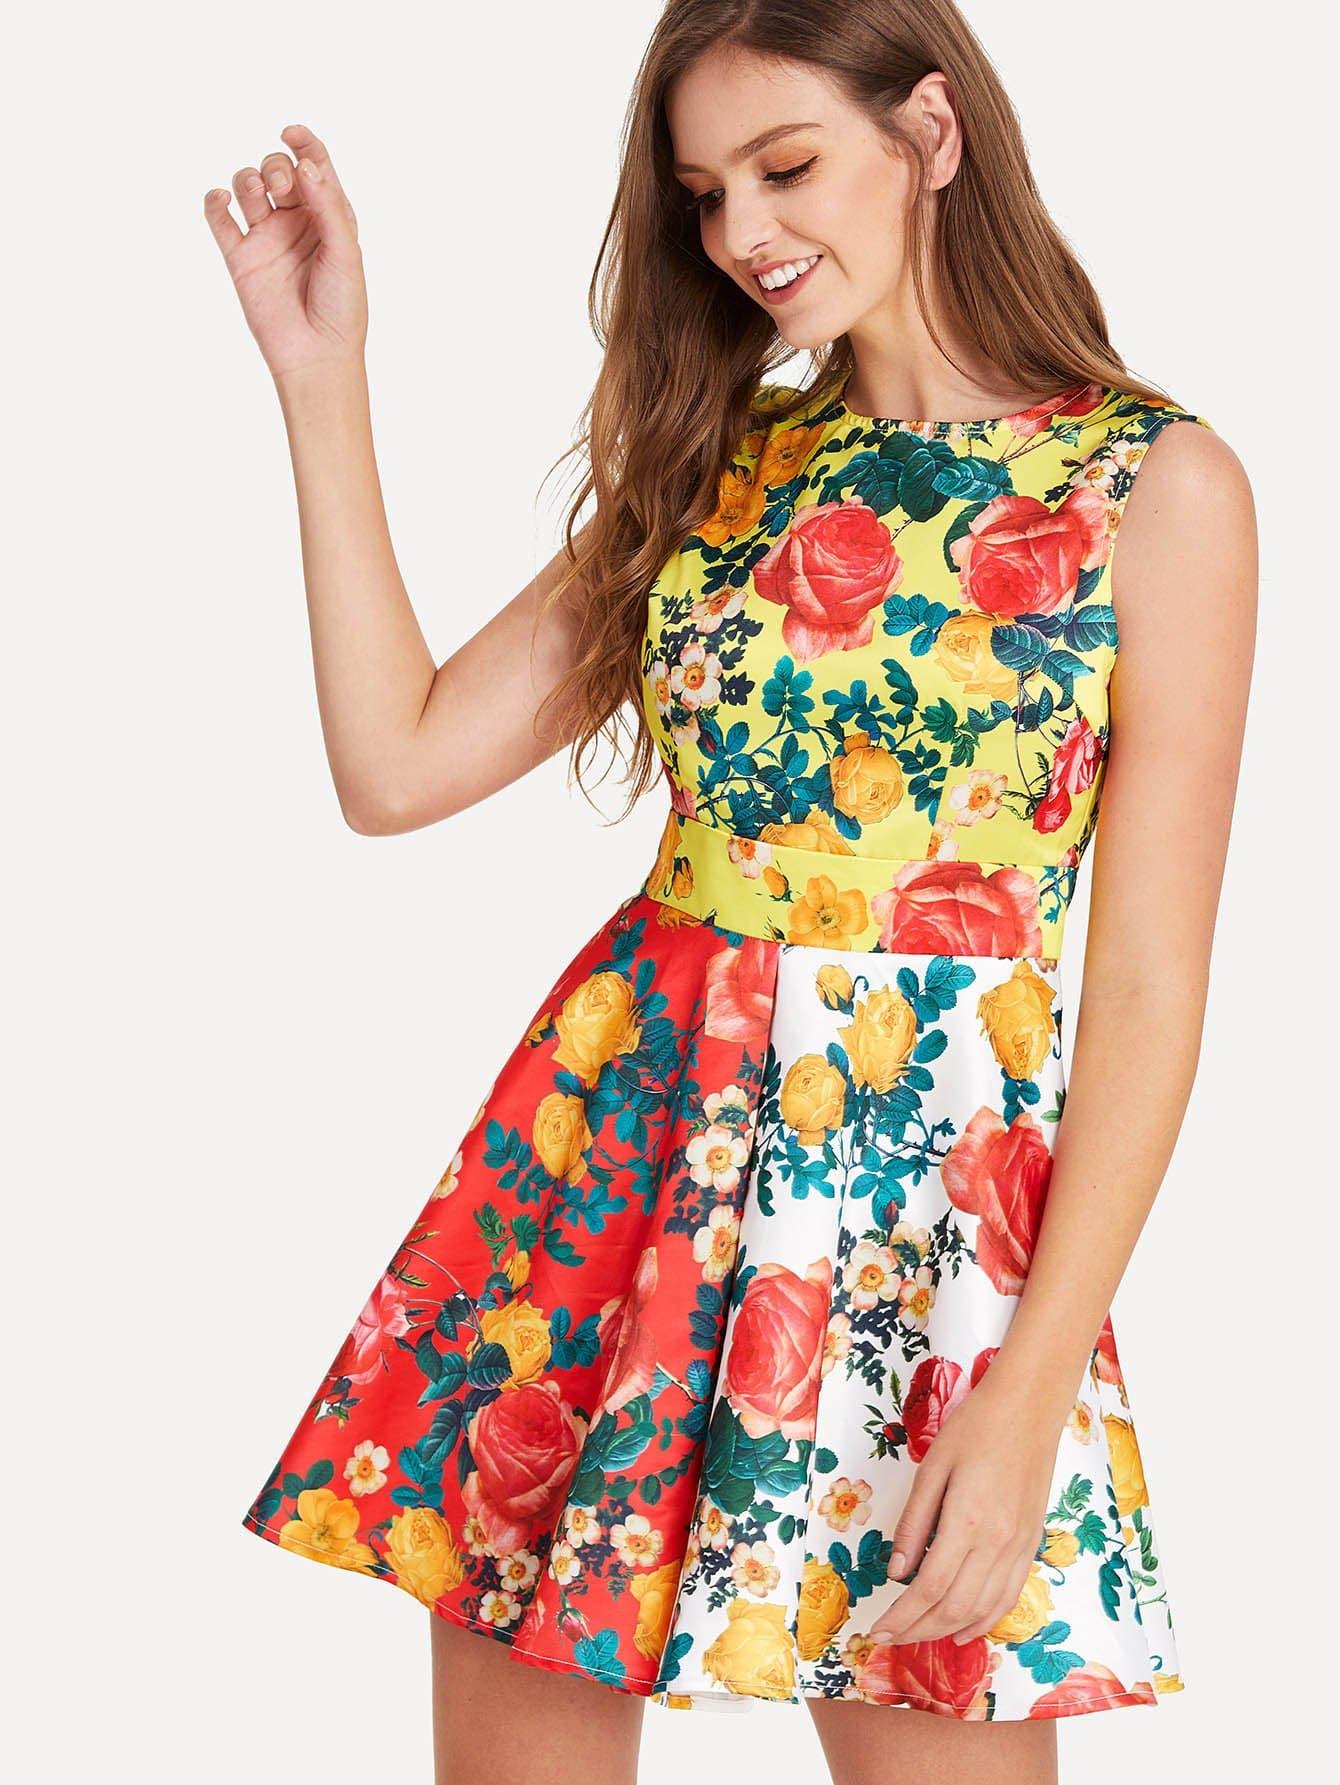 Flower Print Sleeveless Skater Dress retro rose flower print sleeveless skater dress